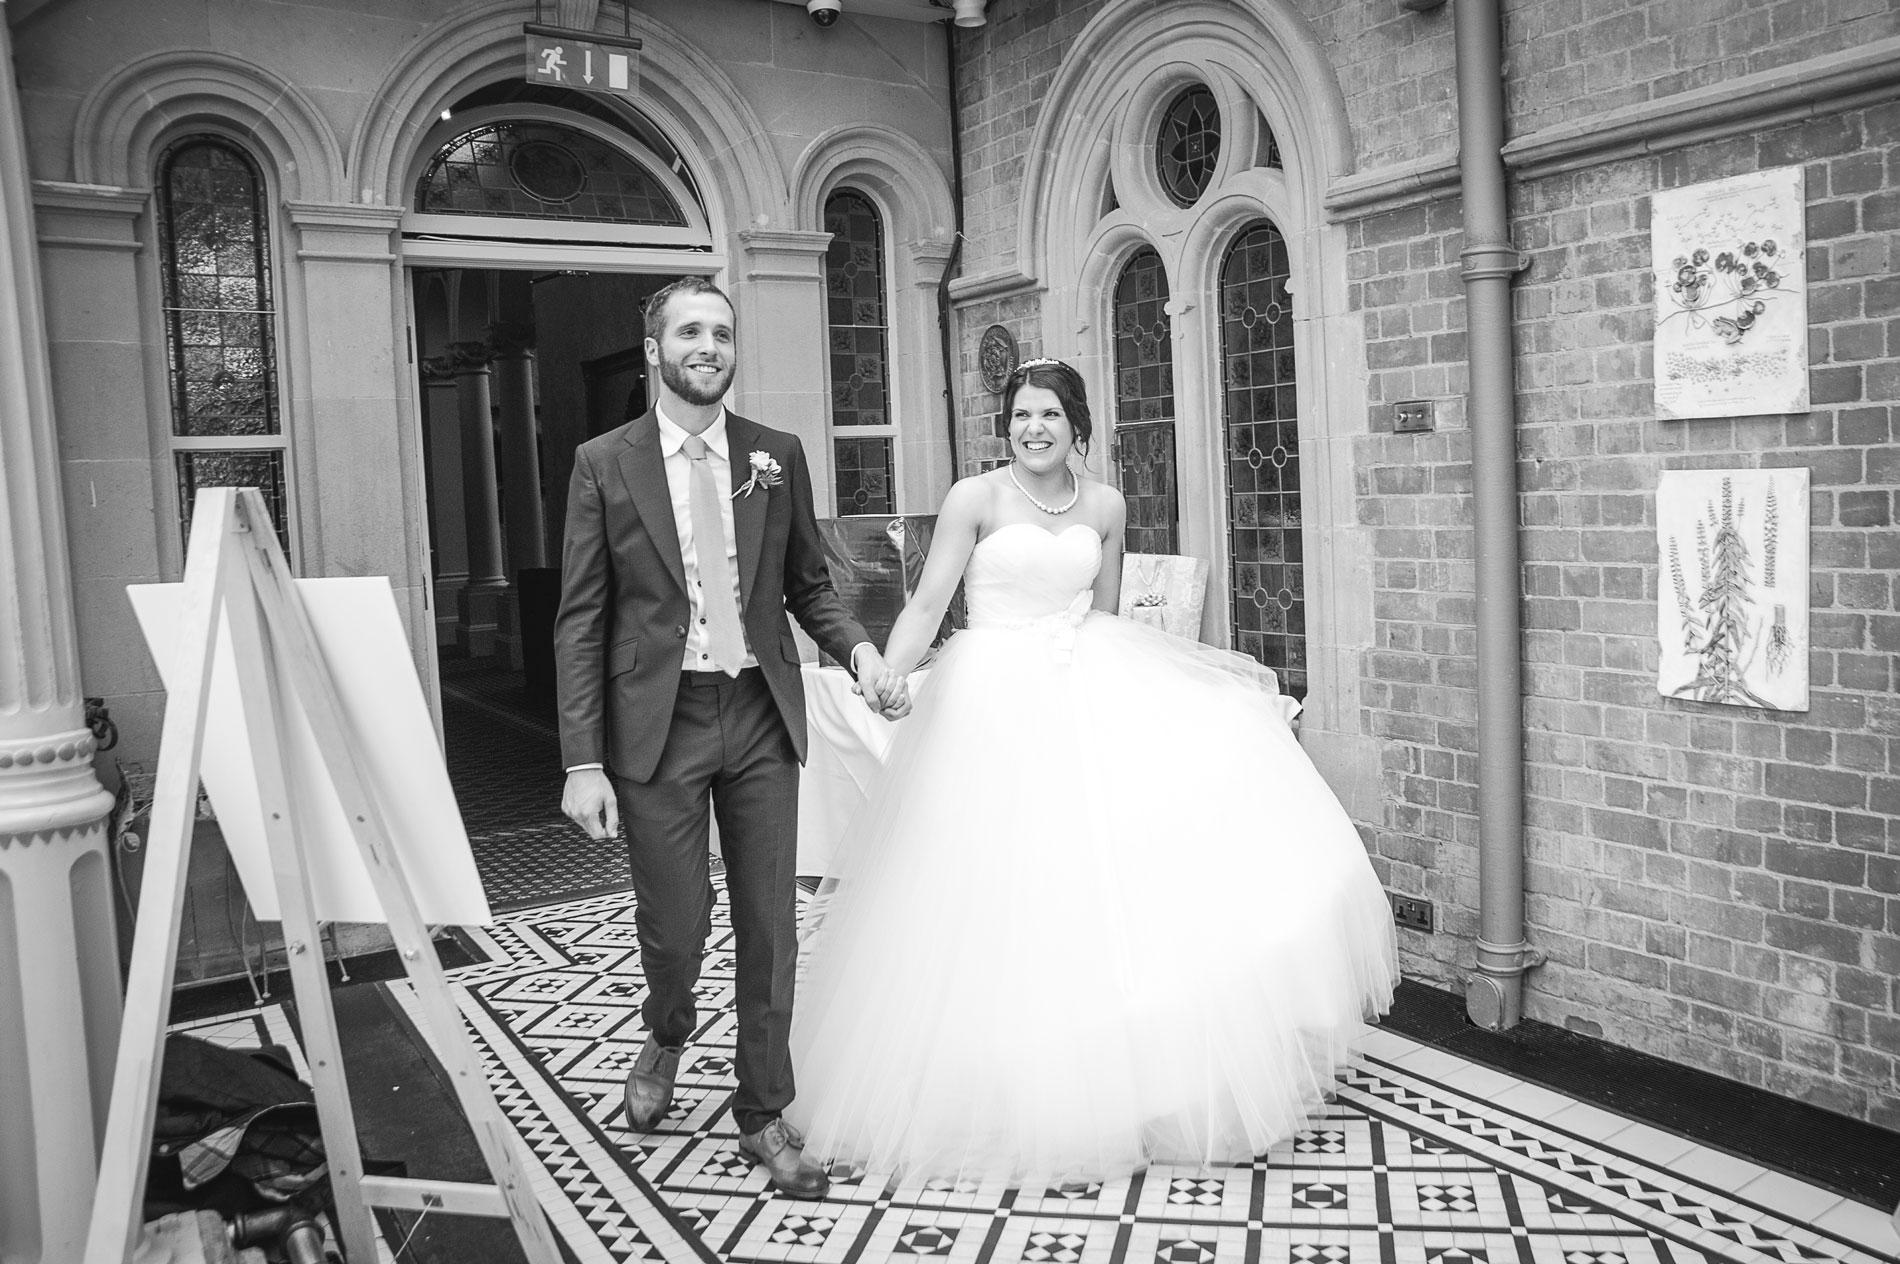 Kilworth-weddings-_70.jpg